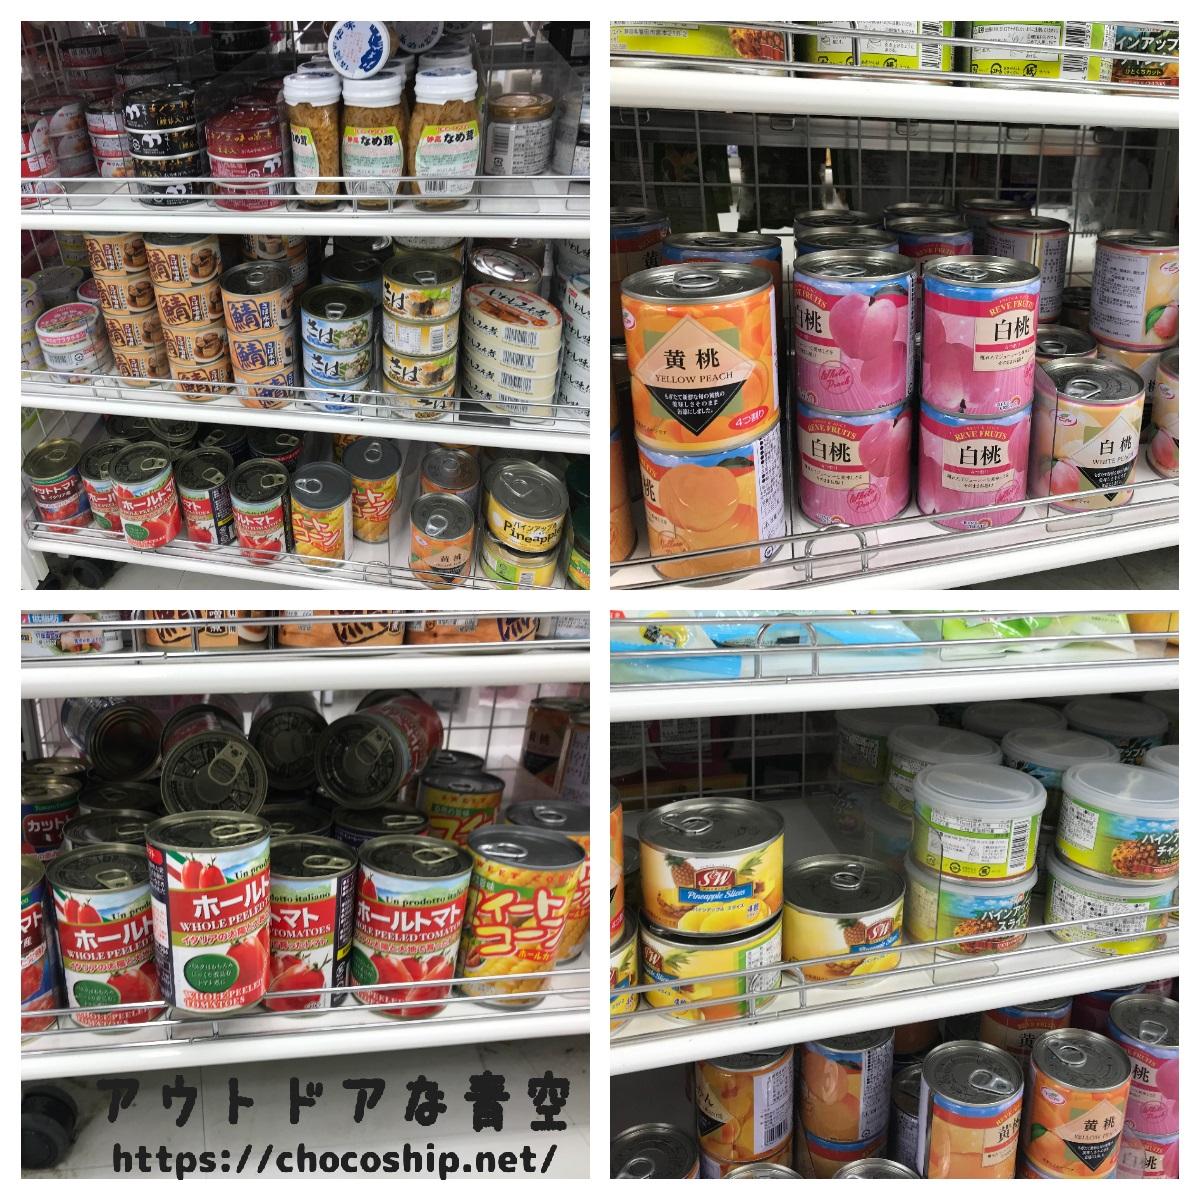 ダイソーの缶詰全種類をご紹介!フルーツ缶や鯖缶のコスパもチェック